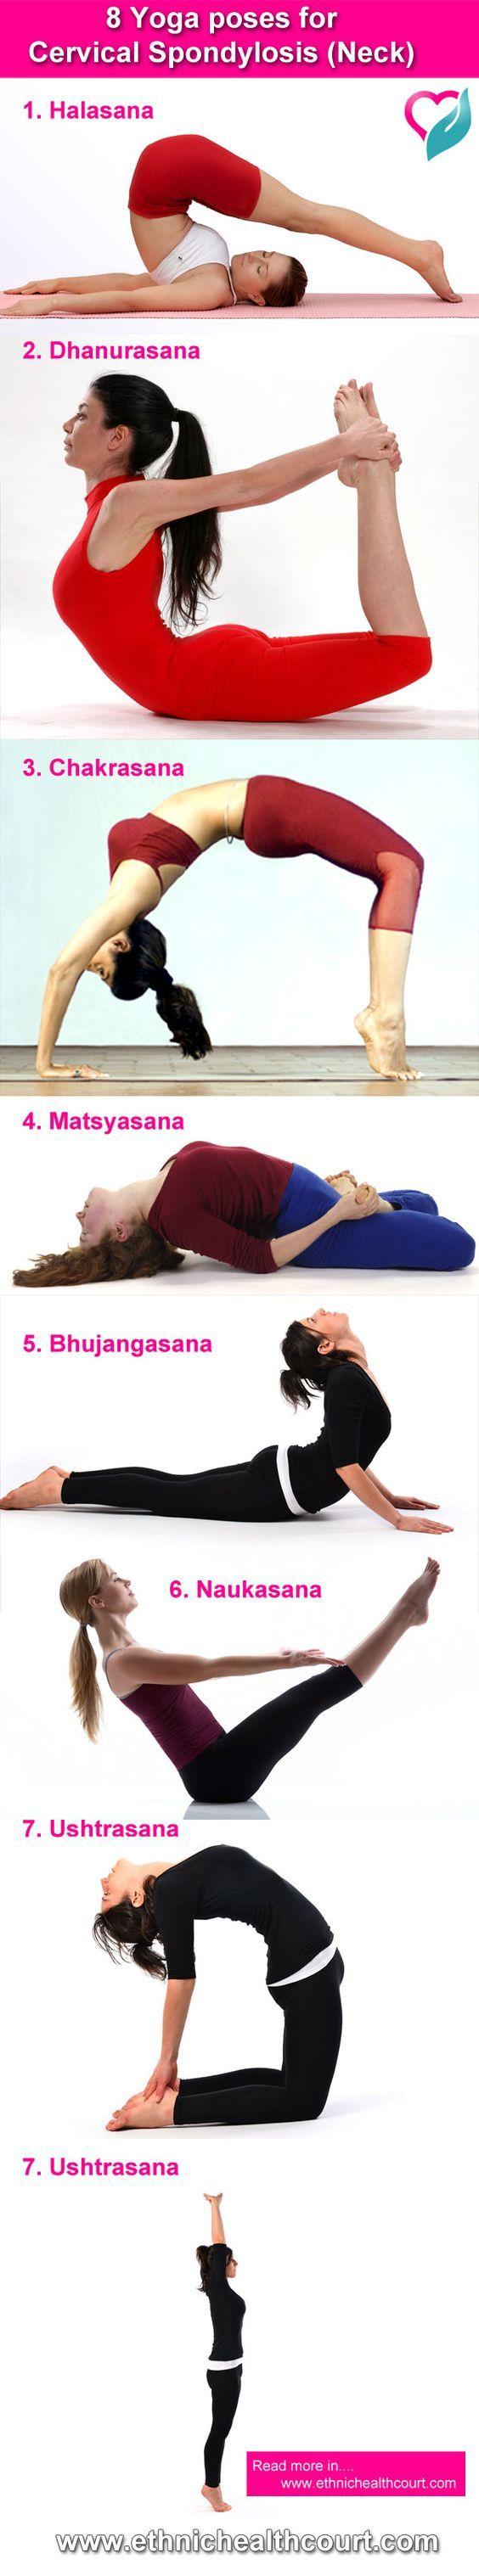 8 Yoga poses for Cervical Spondylosis (Neck)  #YogaPoses  http://iandarrah.com/